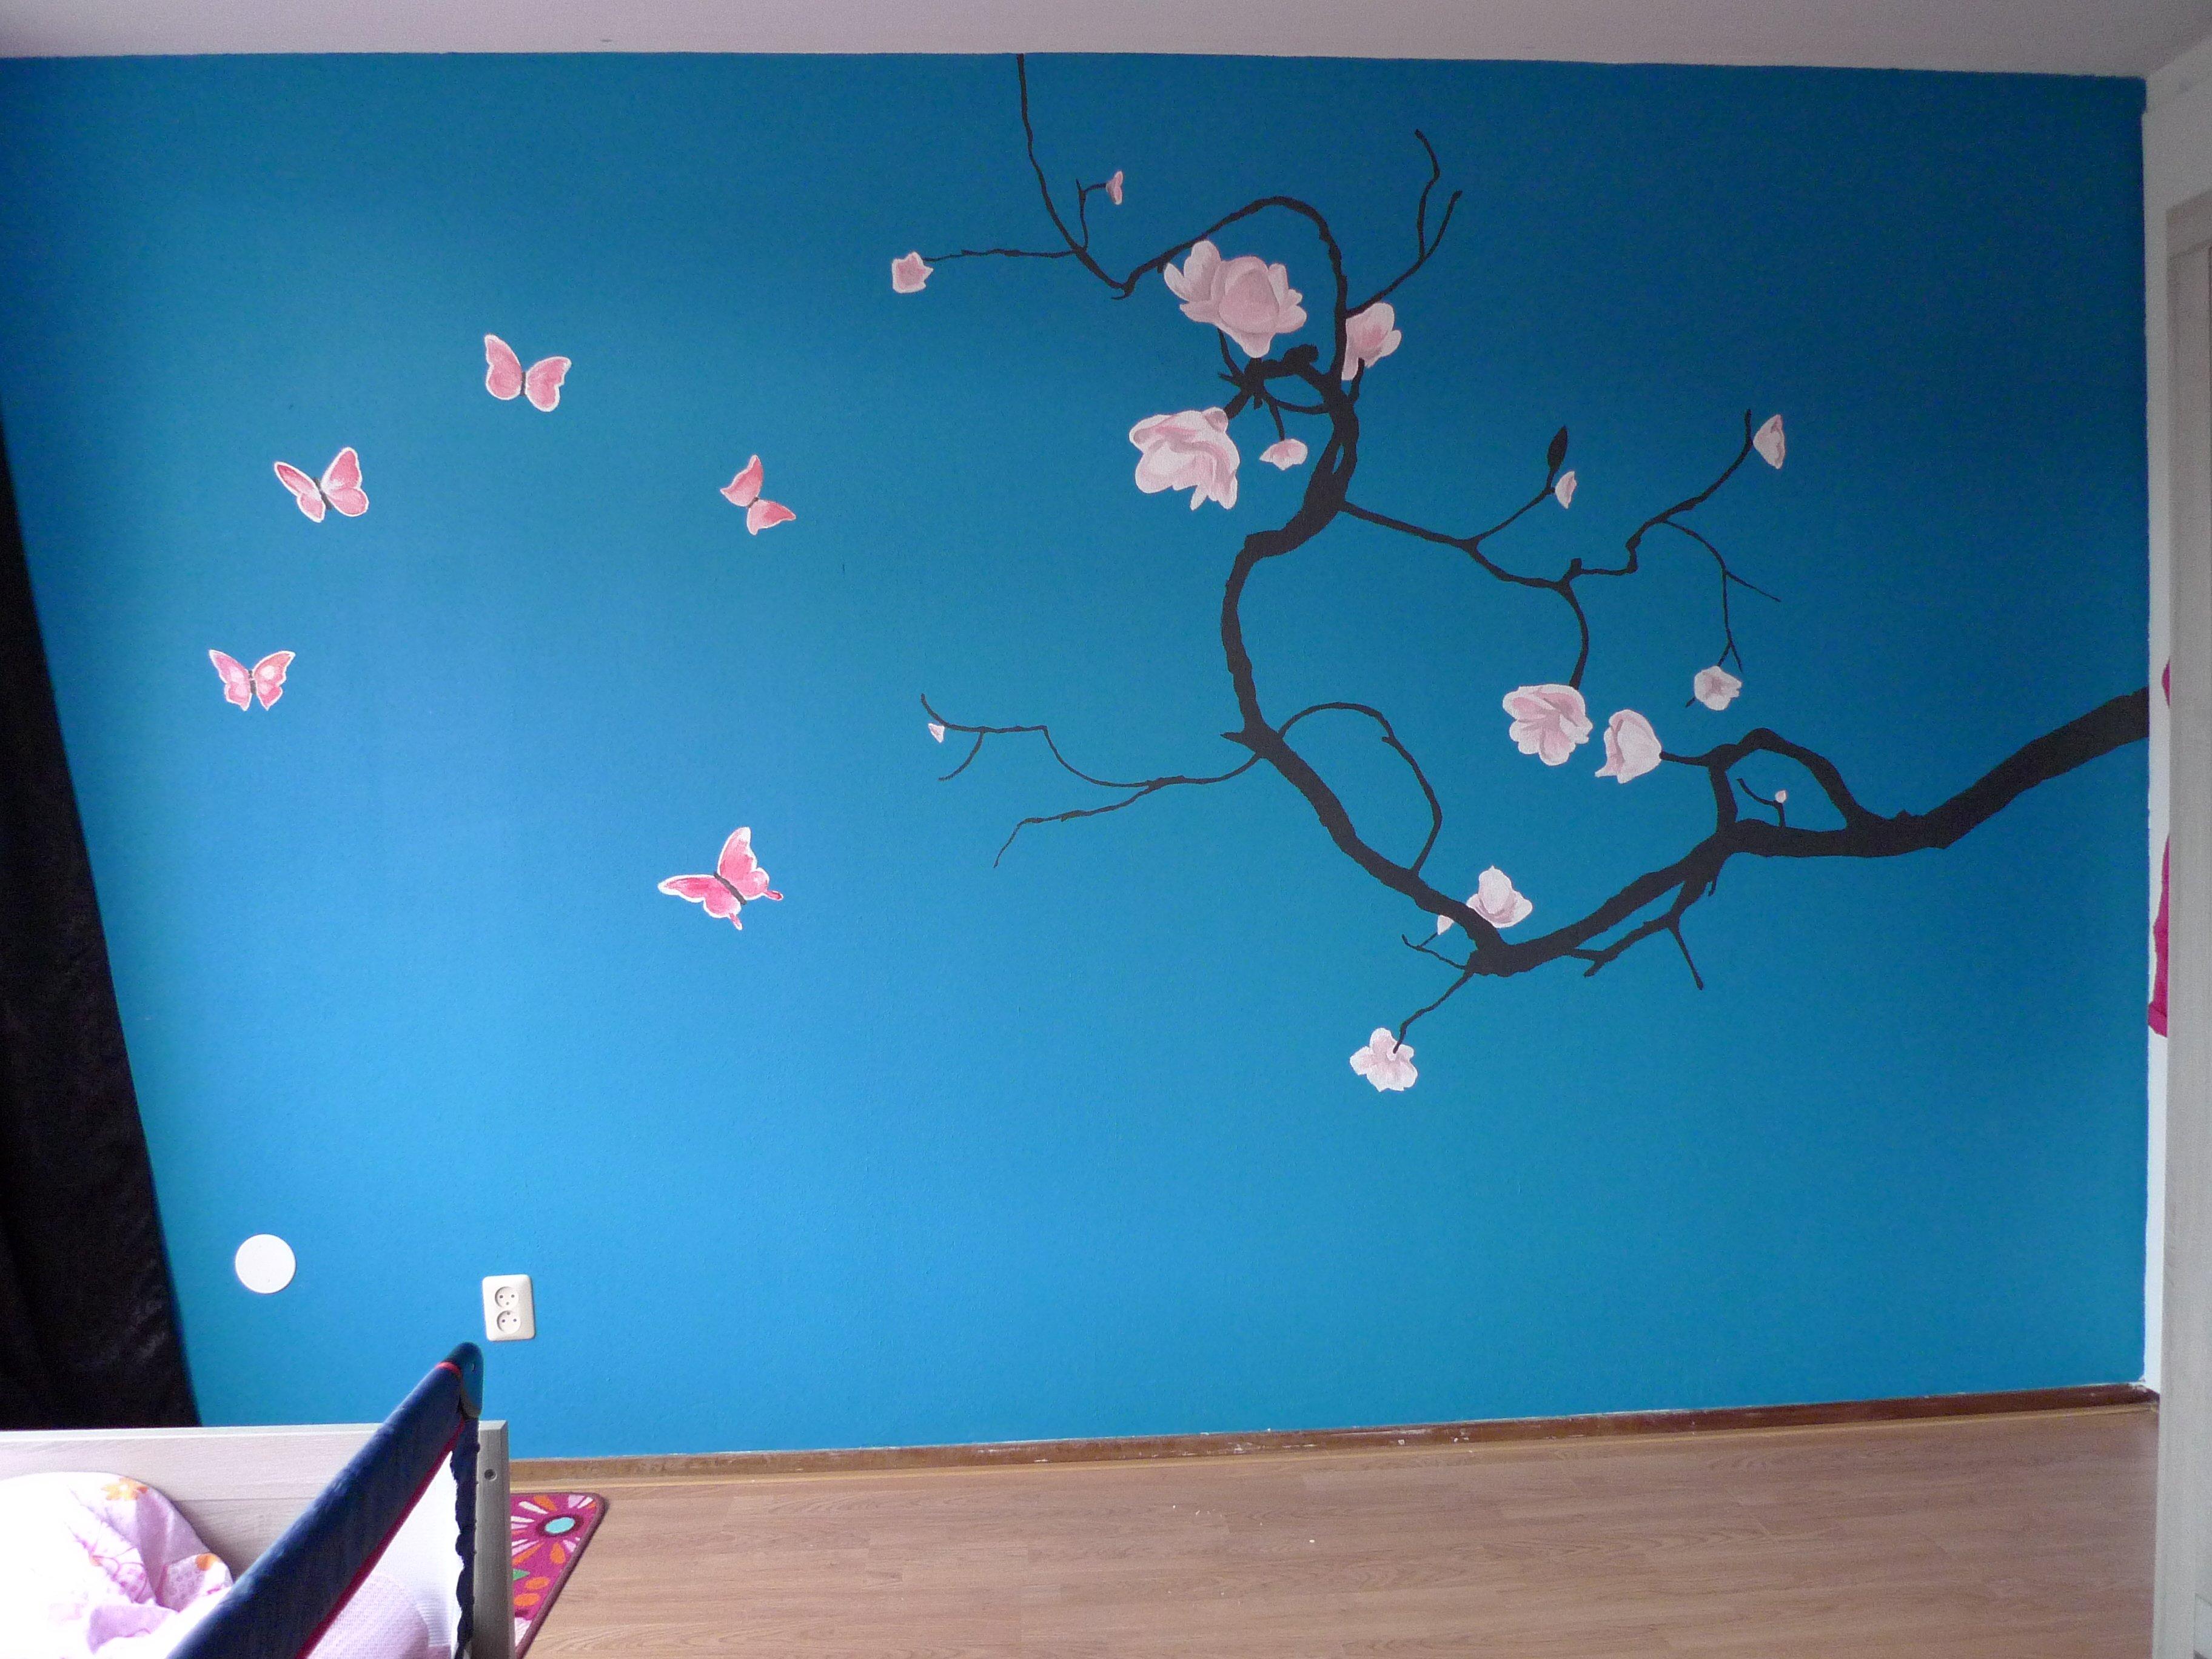 Muurschilderingen Voor Slaapkamer : Graffiti muurschildering boxtel slaapkamer mooiegraffiti